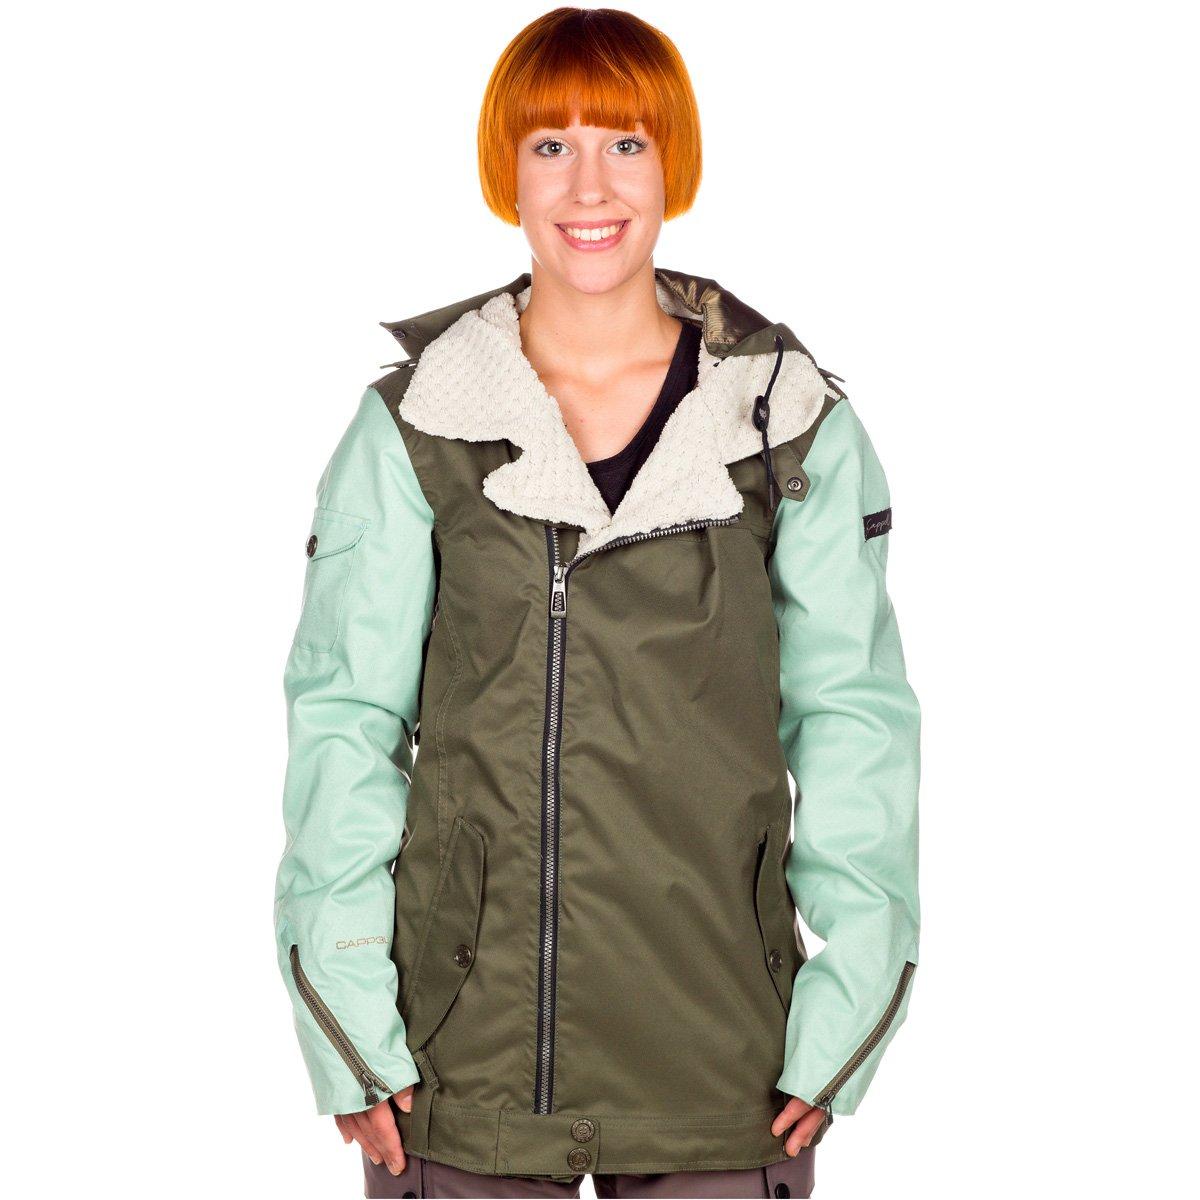 Damen Snowboard Jacke Cappel Heartbeat Insulated Jacket Women